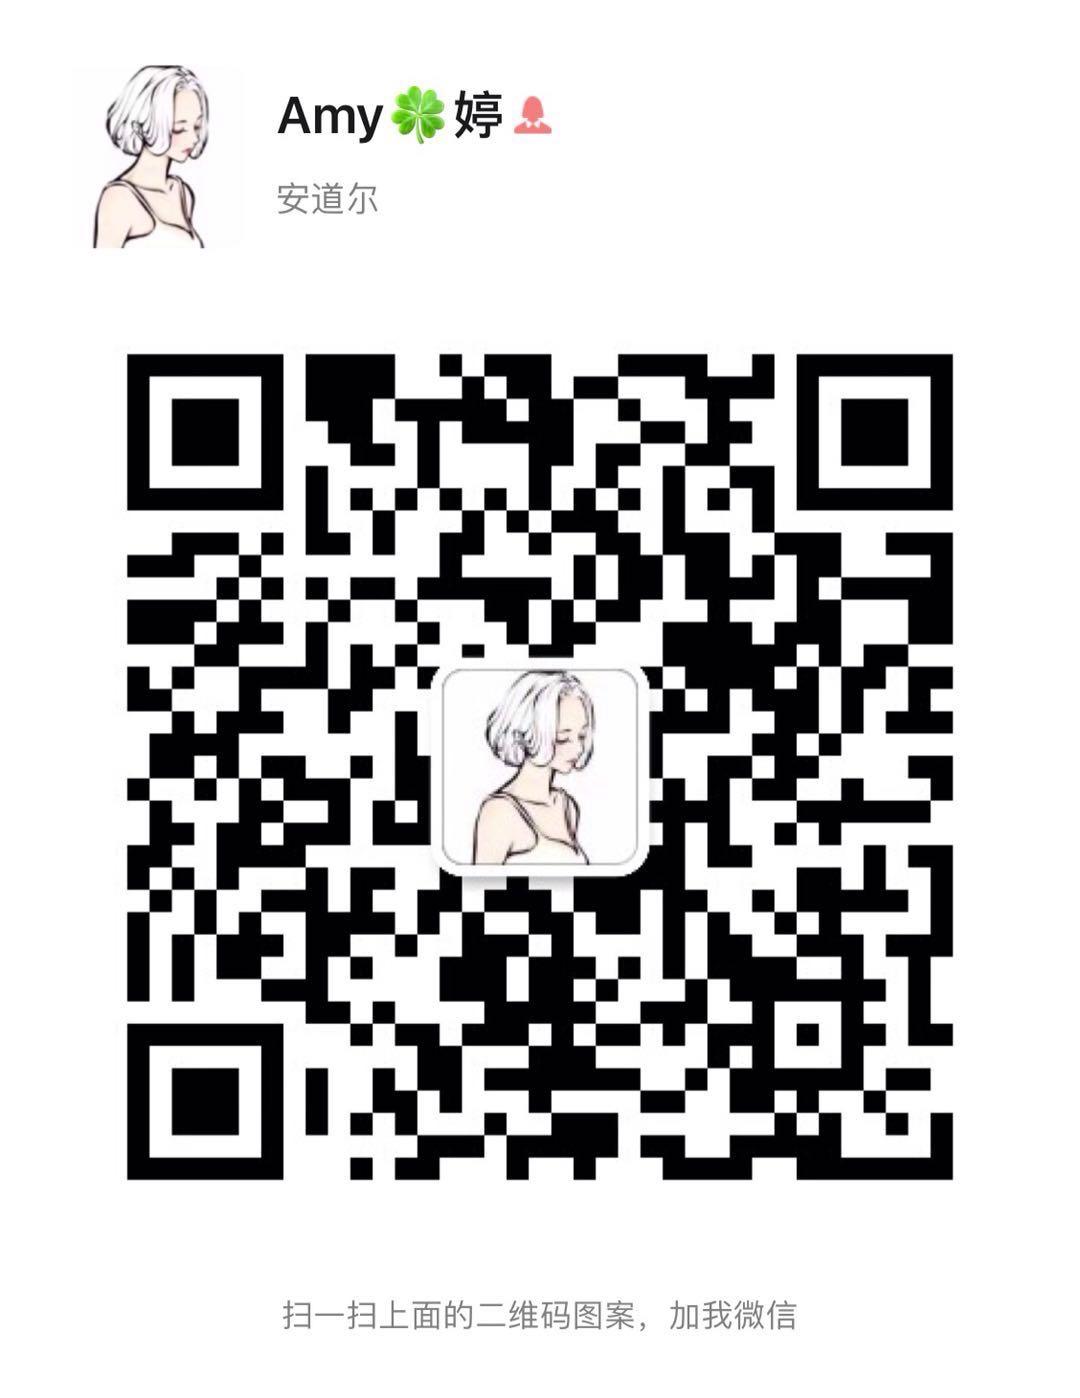 5e336605d6c130c801b03248f47b36e4_